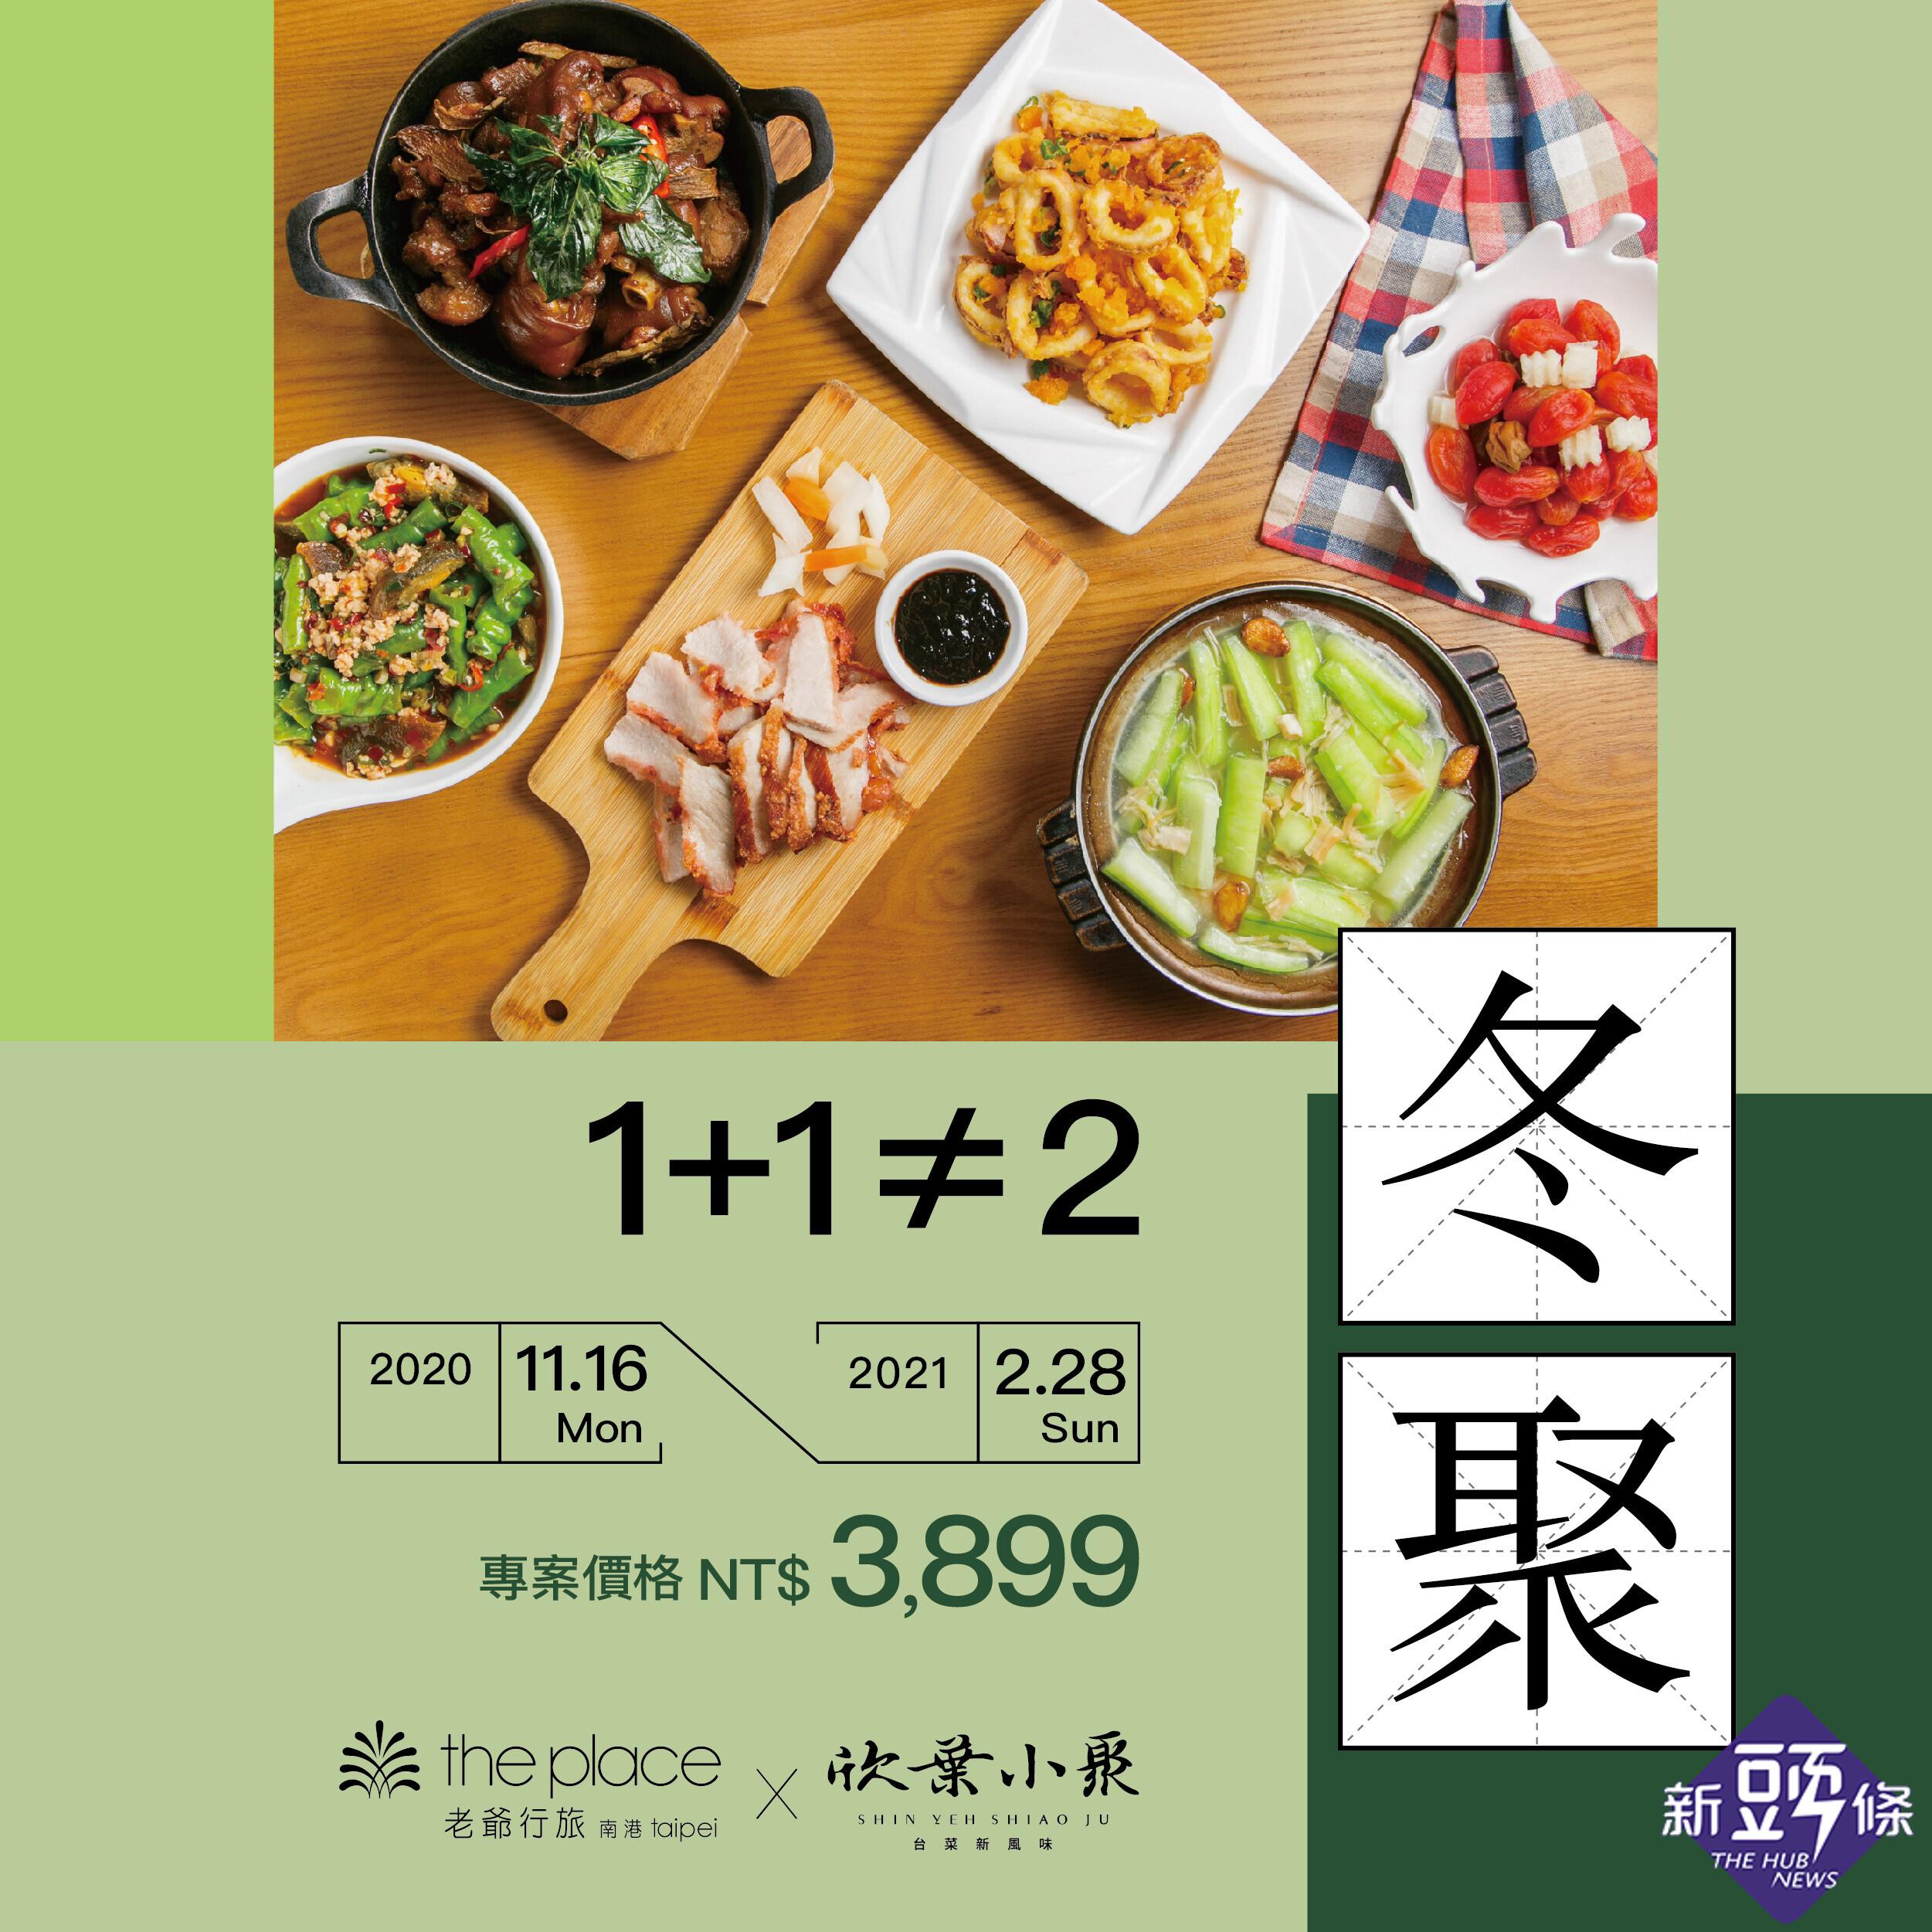 南港老爺冬季雙住房專案 送你吃米其林餐廳、DIY手作體驗